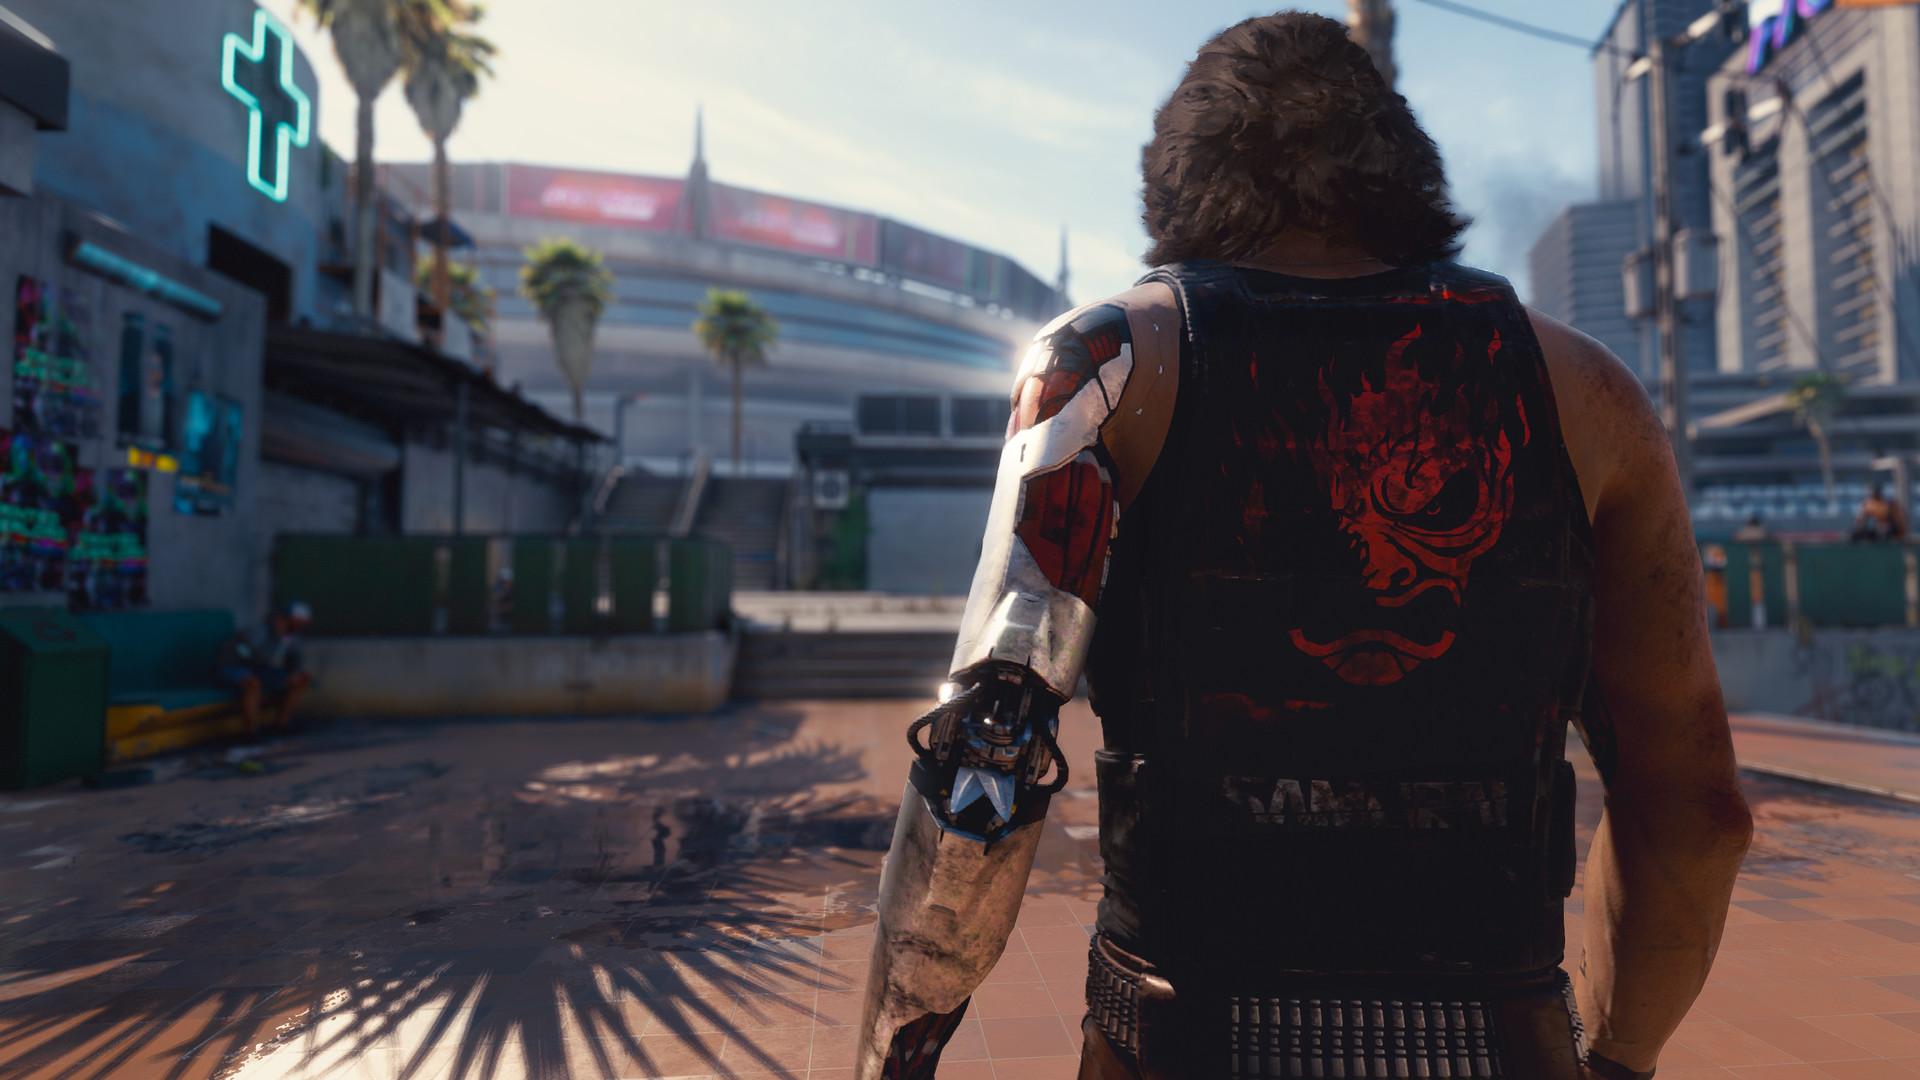 Скриншот из игры Cyberpunk 2077